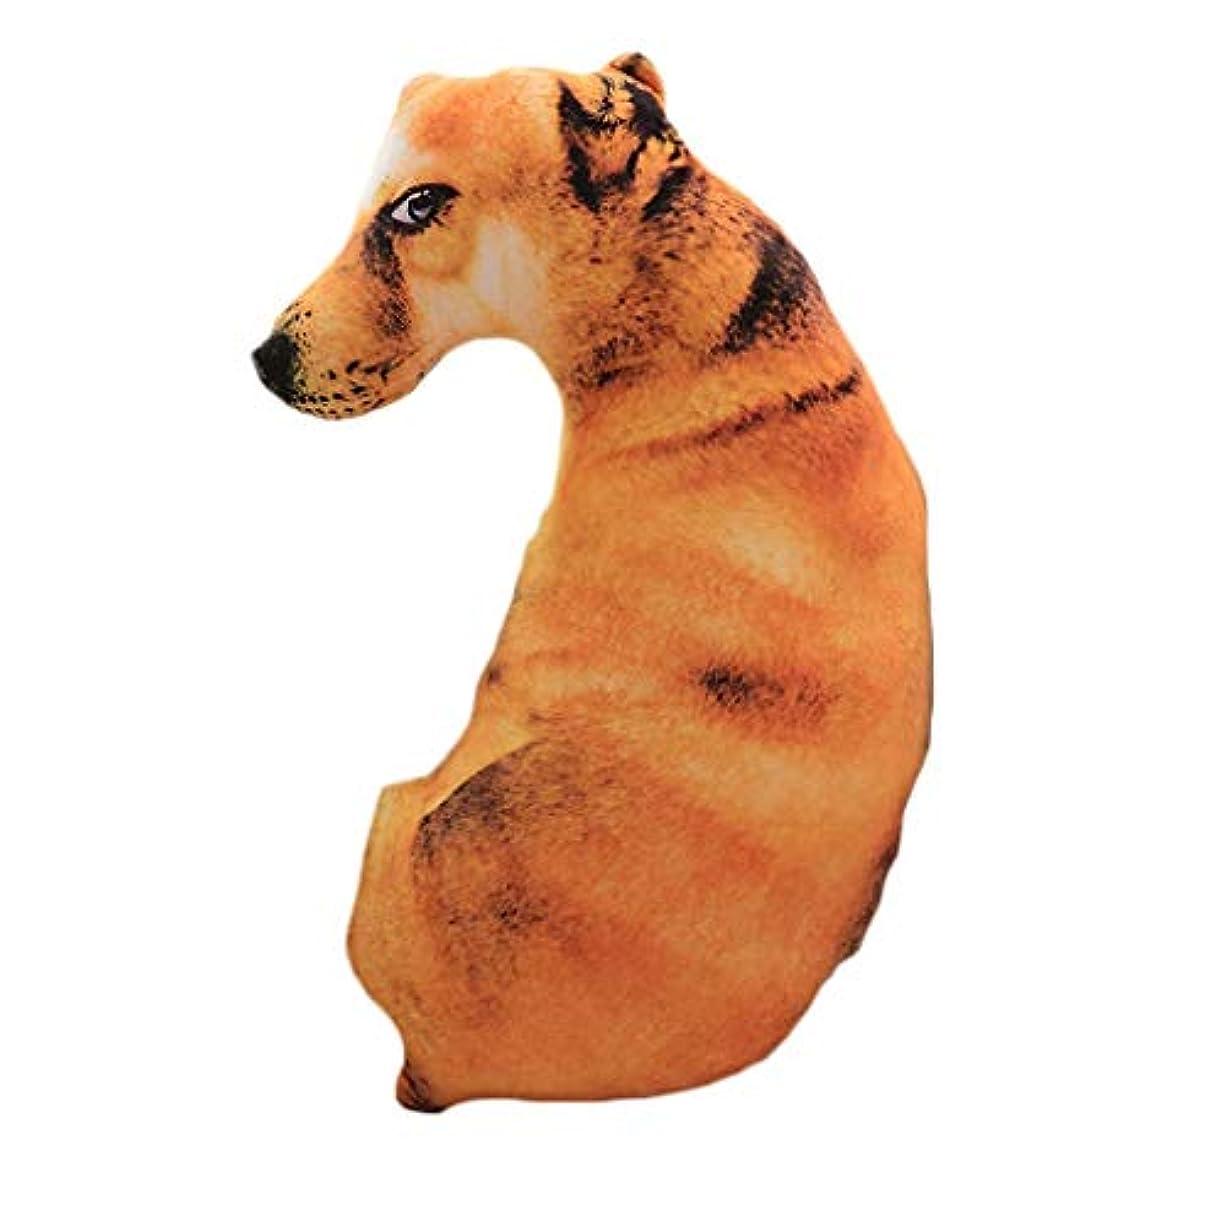 処分した動弁護人LIFE 装飾クッションソファおかしい 3D 犬印刷スロー枕創造クッションかわいいぬいぐるみギフト家の装飾 coussin decoratif クッション 椅子